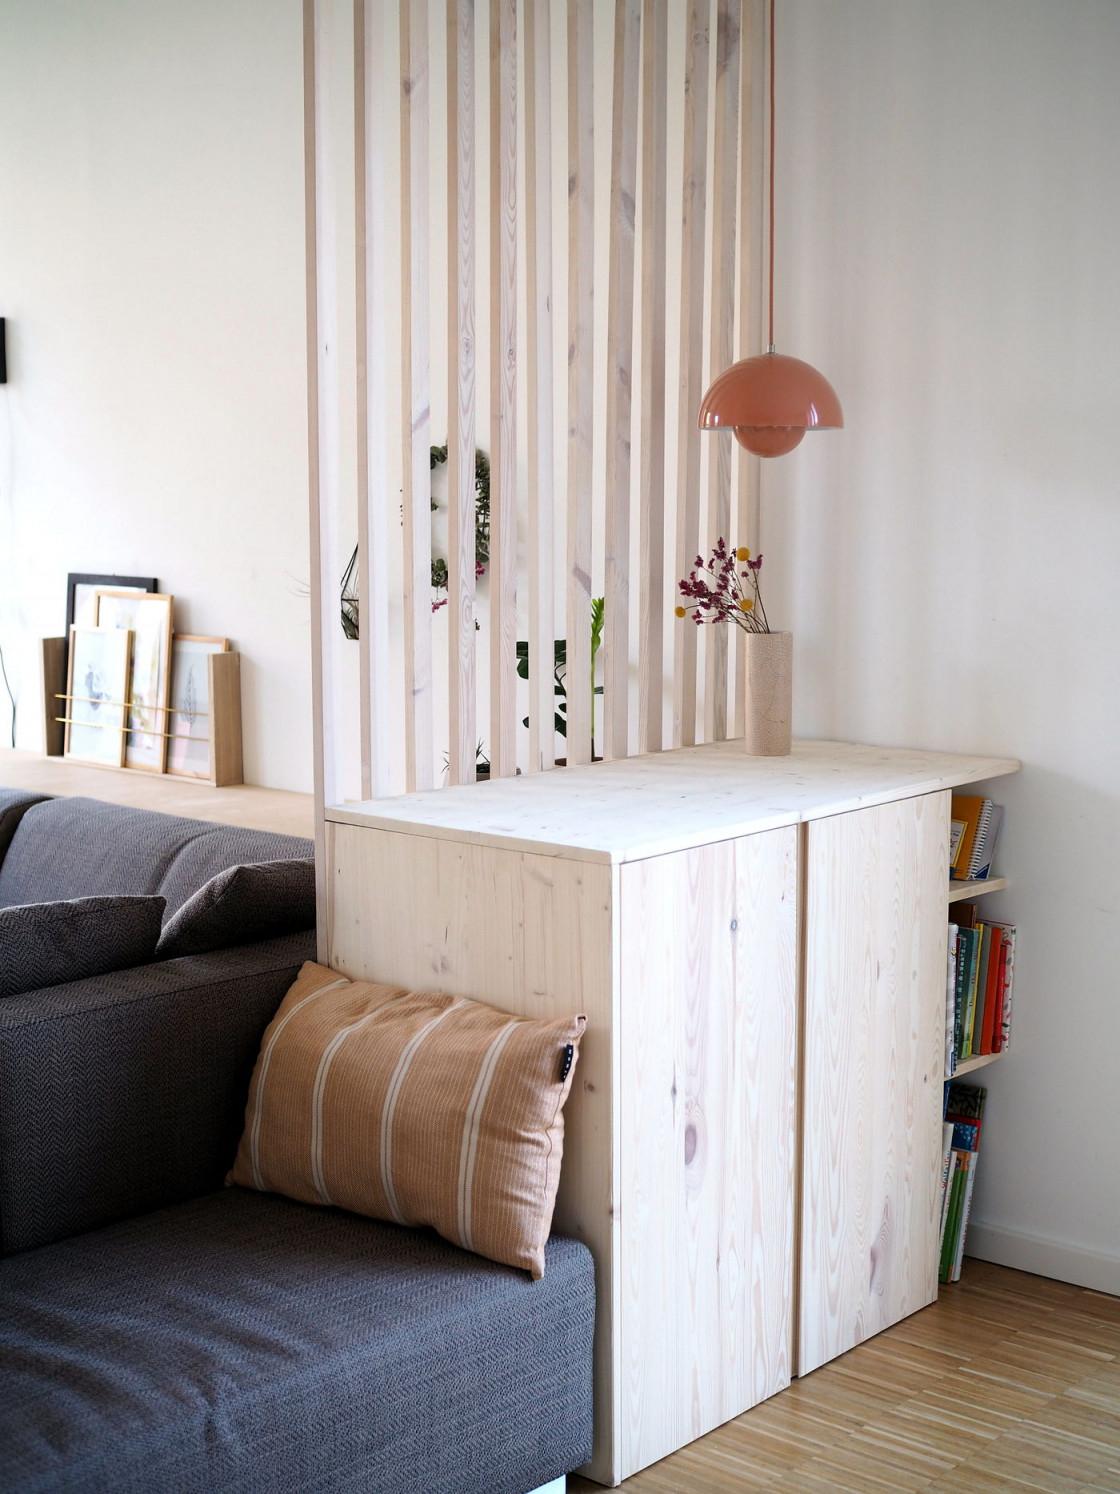 Stauraum Ideen Und Inspirationen Für Deine Wohnung von Stauraum Ideen Wohnzimmer Bild